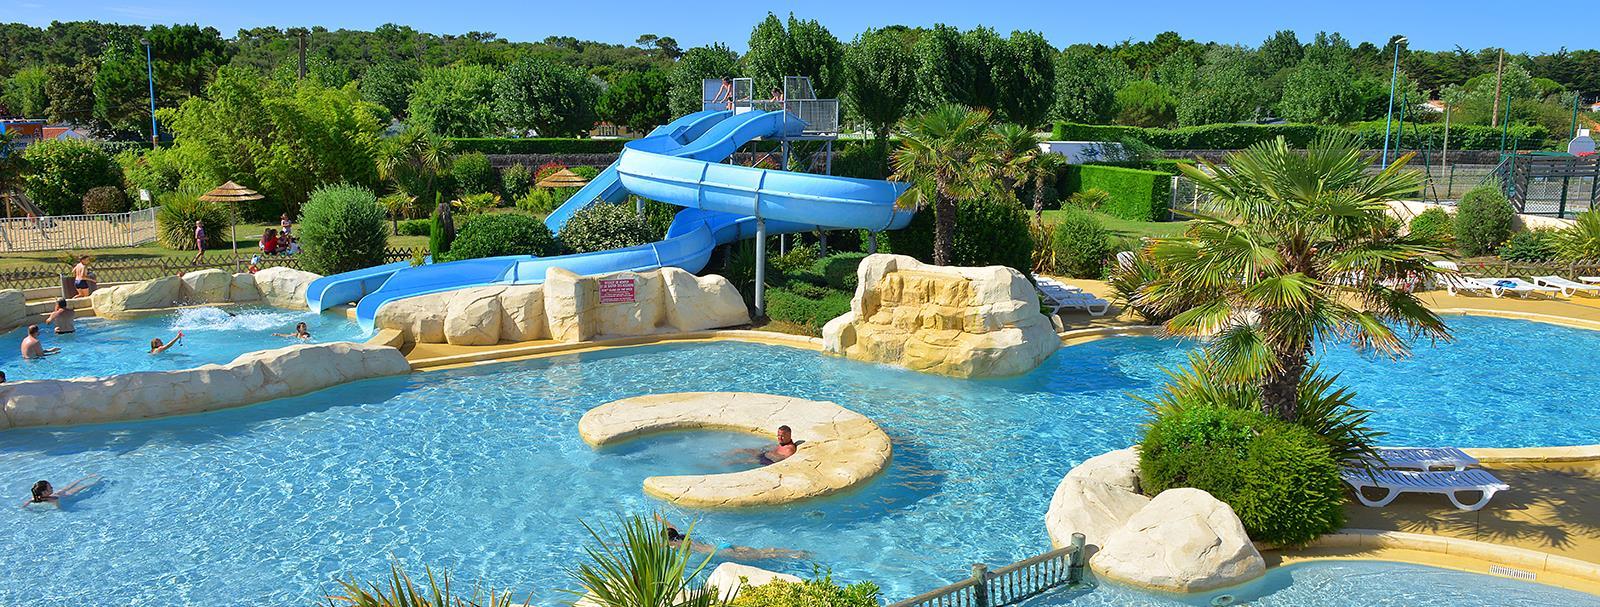 Camping Parc Aquatique Boufféré - Camping 4 Étoiles Les ... pour Piscine Boufféré